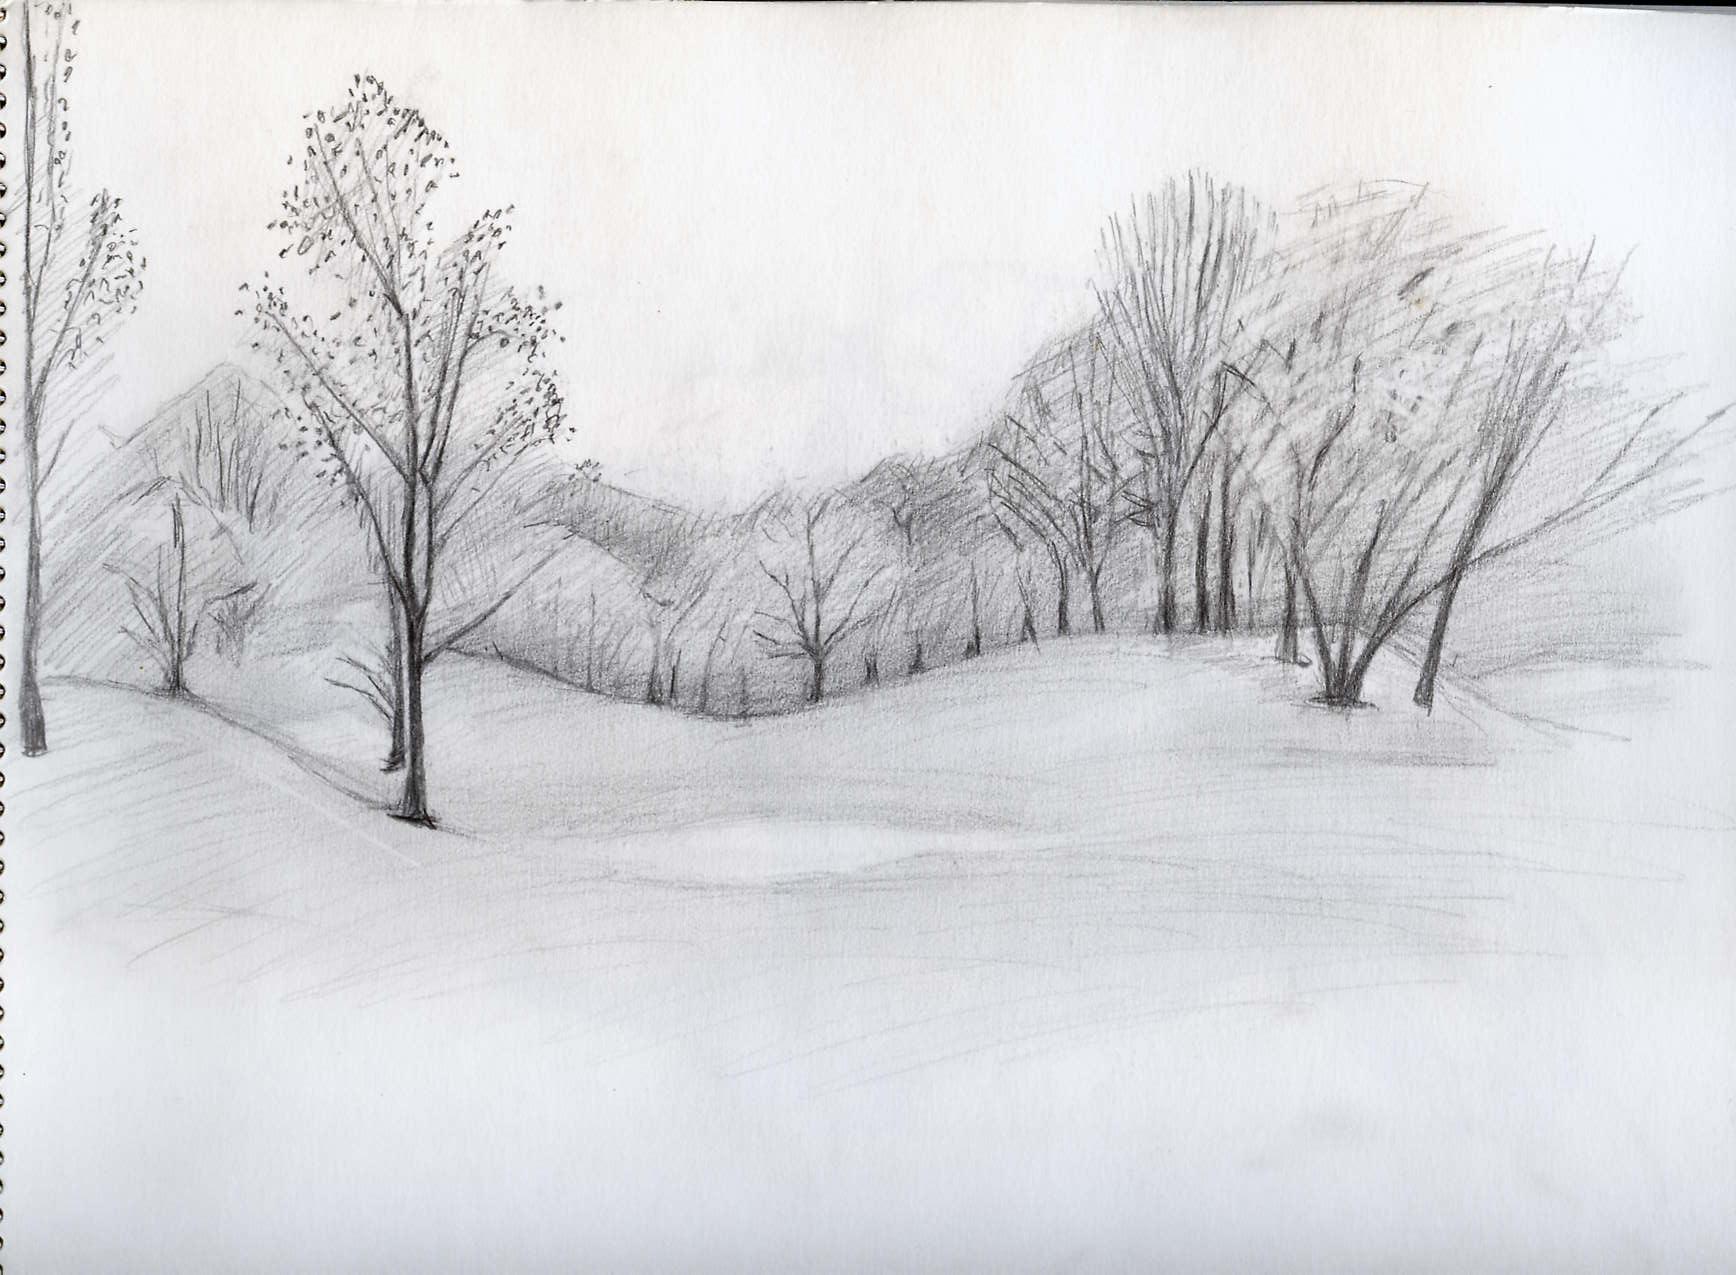 Roland Prinsler: Sketch Sheet / Skizzenblatt: Tree on a cliff |Tree Landscape Drawing